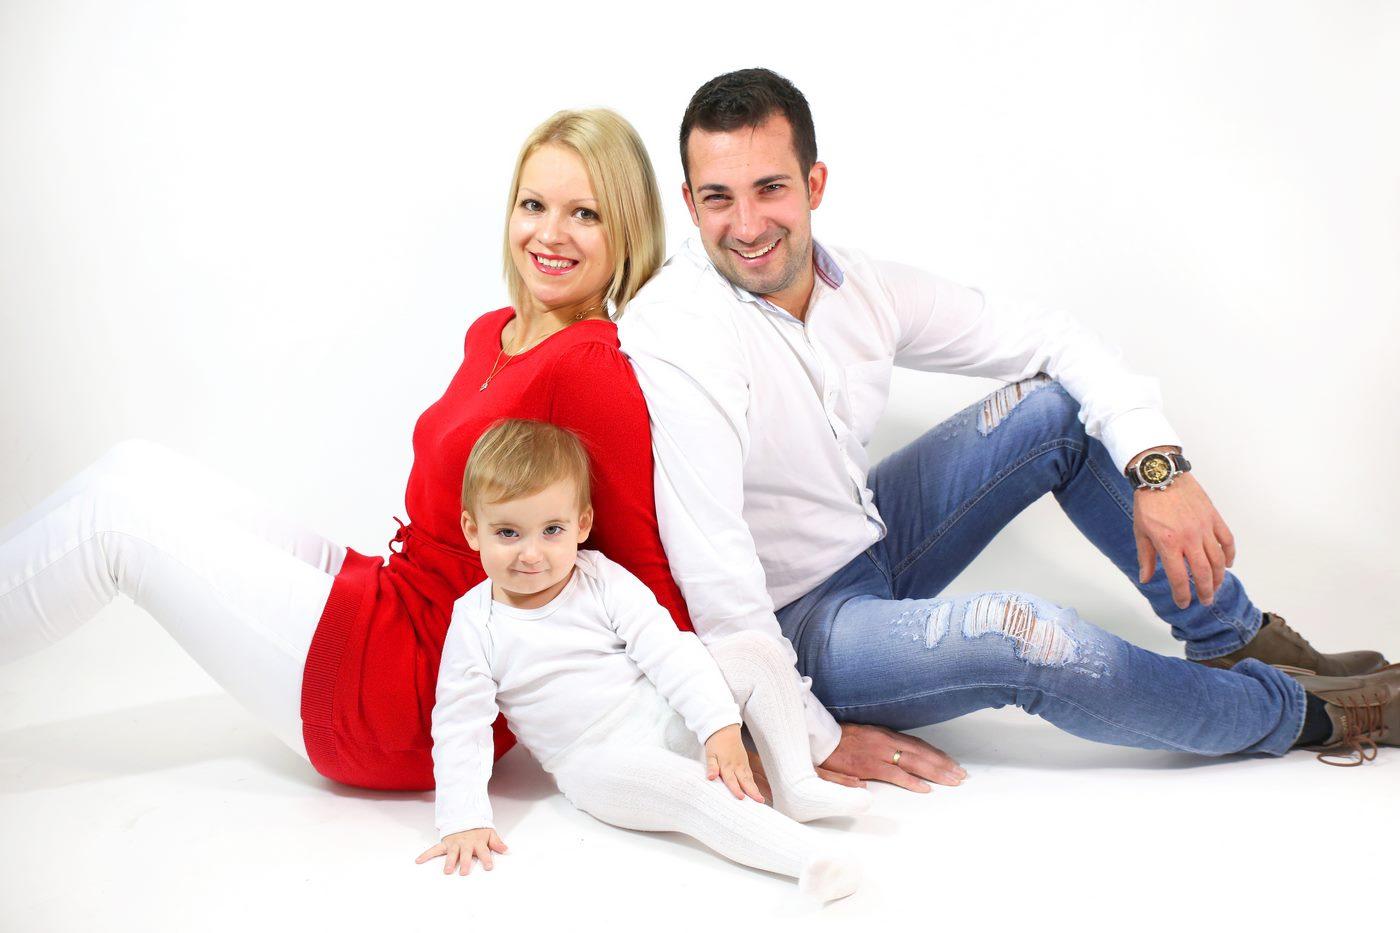 Familie in Fotostudio fotografiert